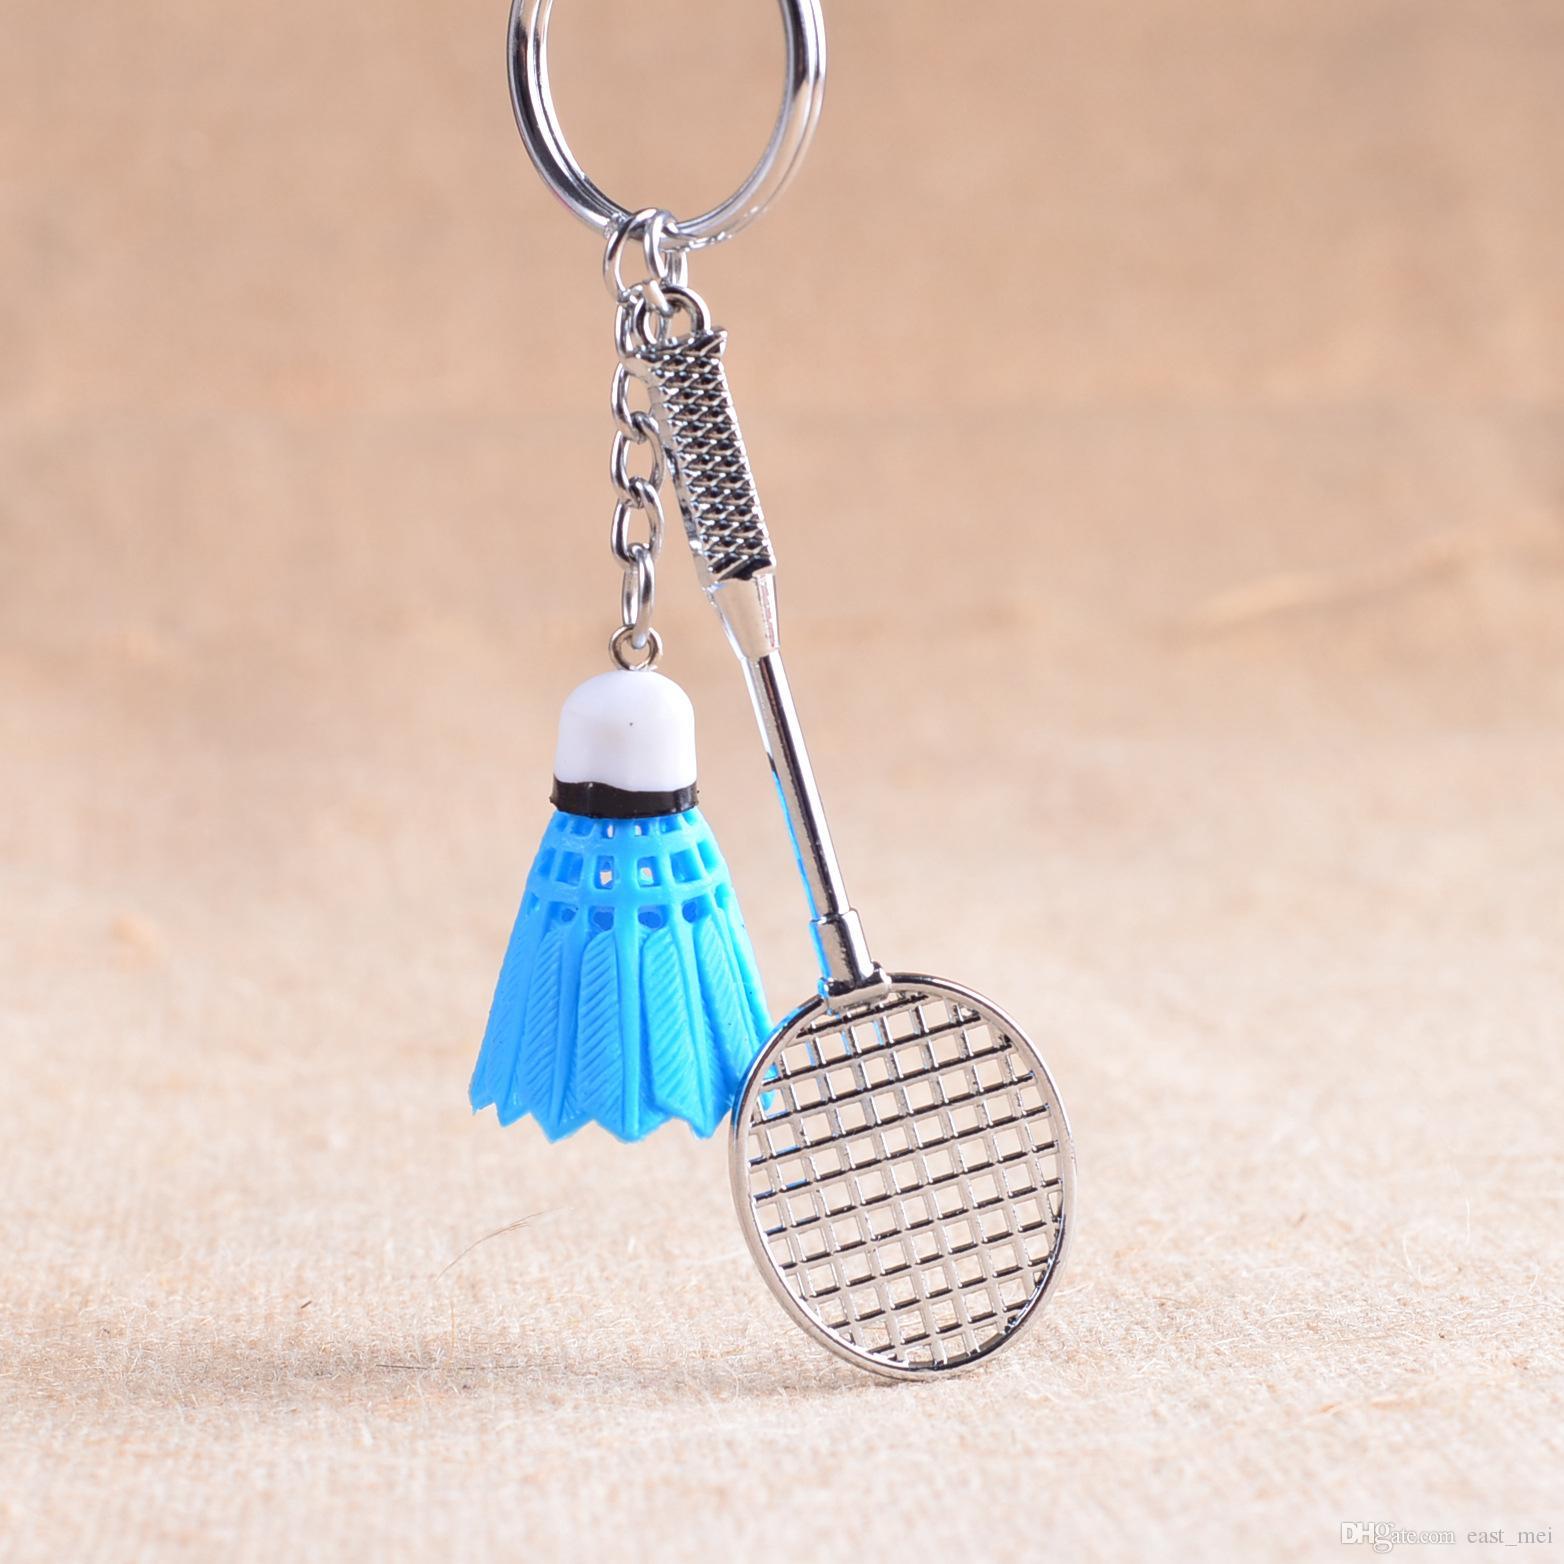 En iyi hediye Hediye hediyeler yaratıcı yeni süsler anahtar halkası badminton anahtarlık KR173 Anahtarlık düzeni 20 adet çok mix